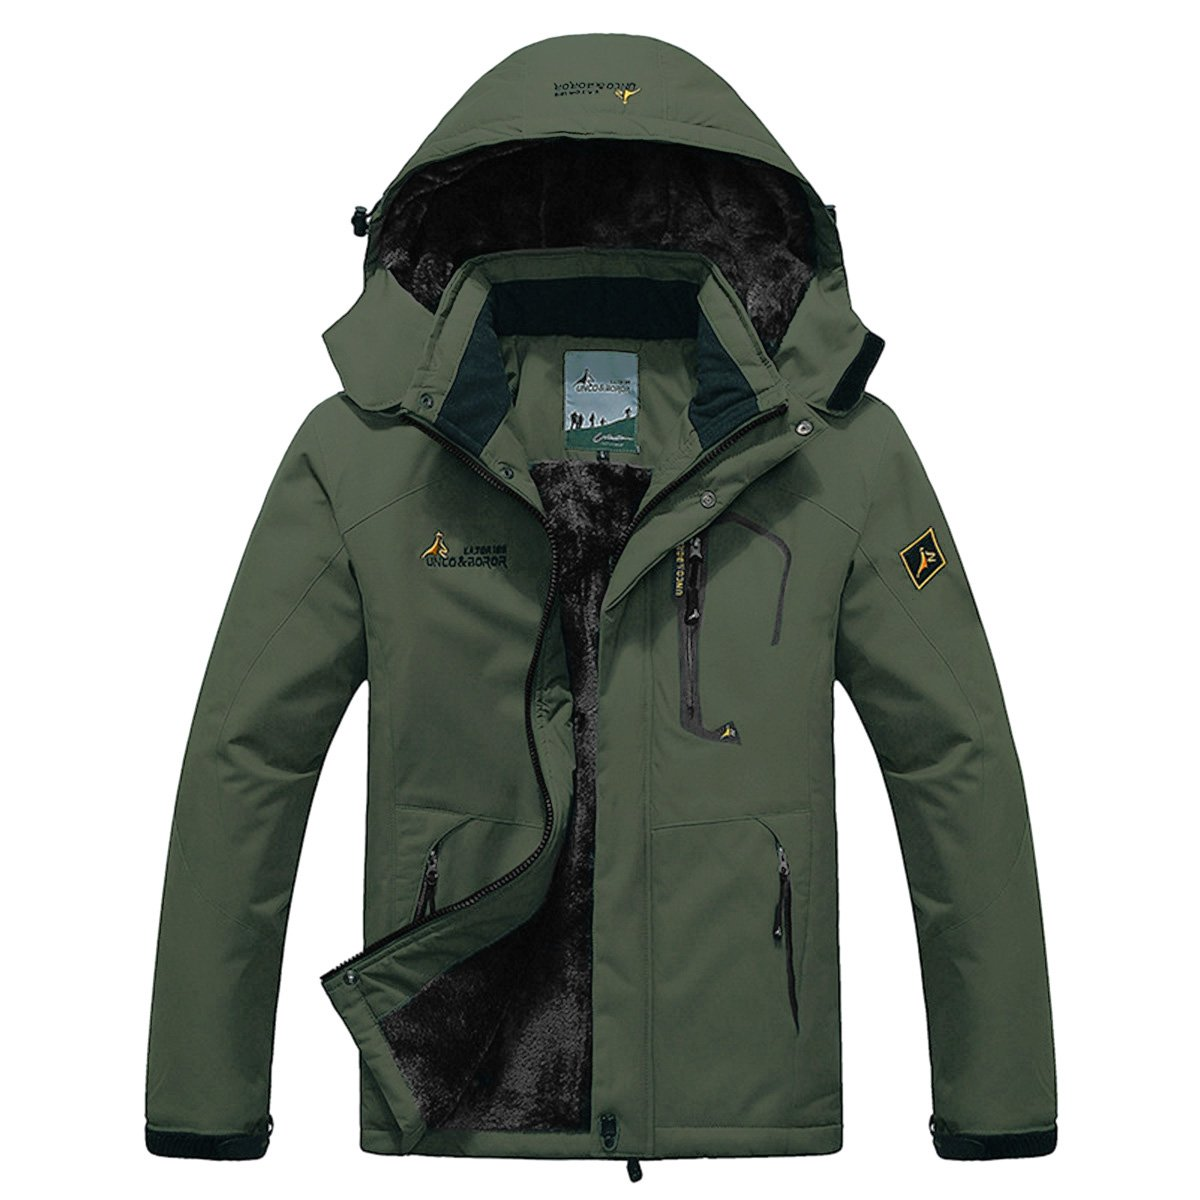 Panegy - Chaqueta para Esquí Deportes Montaña Chaqueta con Capucha de Nieve Impermeable Rompevientos Grueso Caliente - Verde Oscuro - Talla L